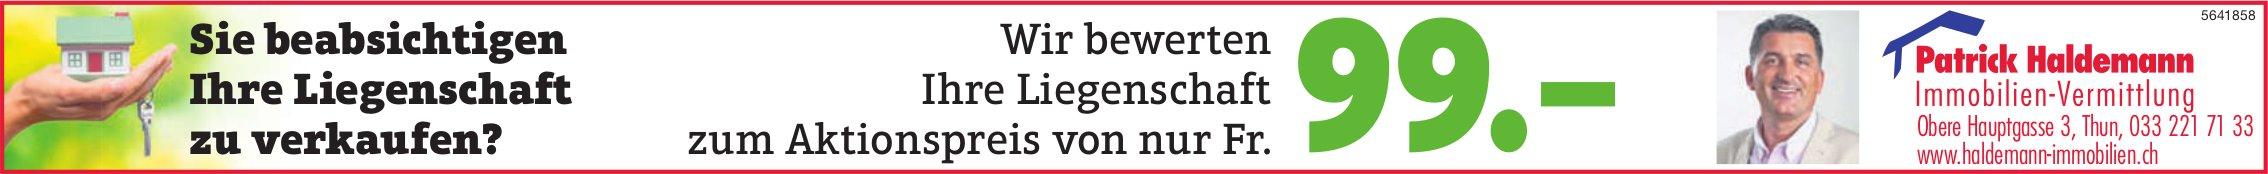 Patrick Haldemann Immobilien-Vermittlung, Thun - Sie beabsichtigen Ihre Liegenschaft zu verkaufen?